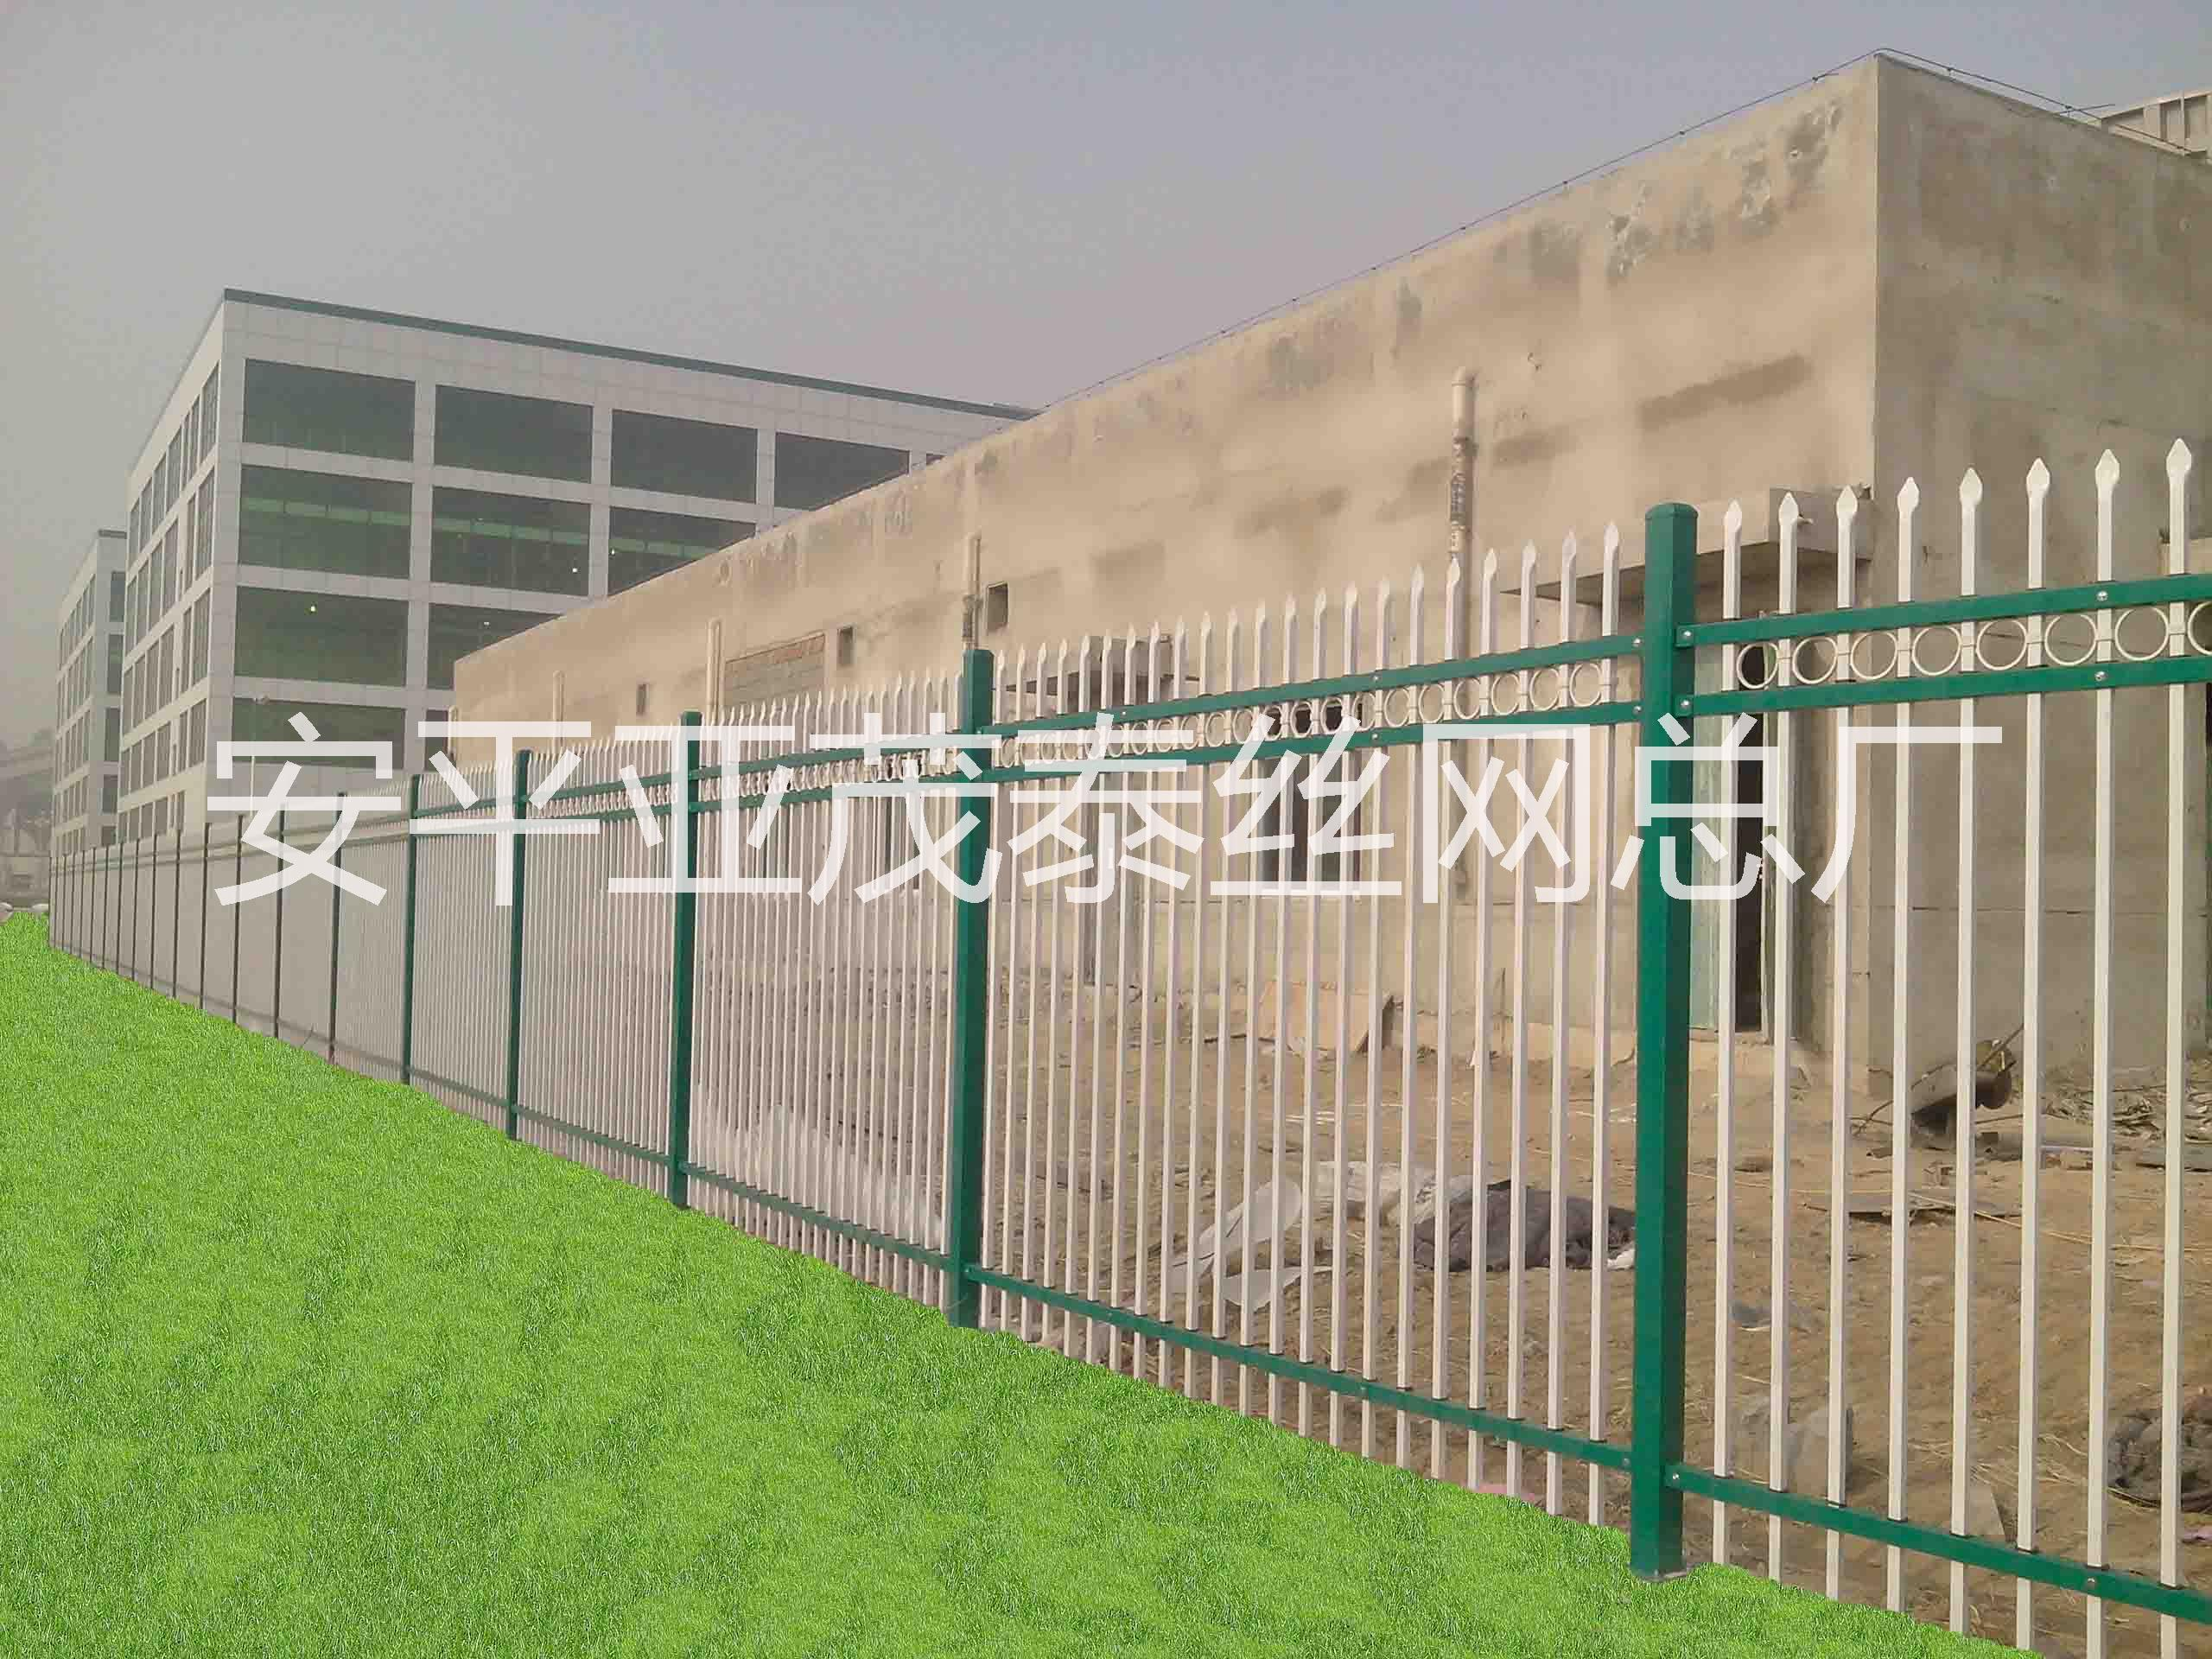 双边丝围栏安装规范@安平县亚茂泰丝网厂